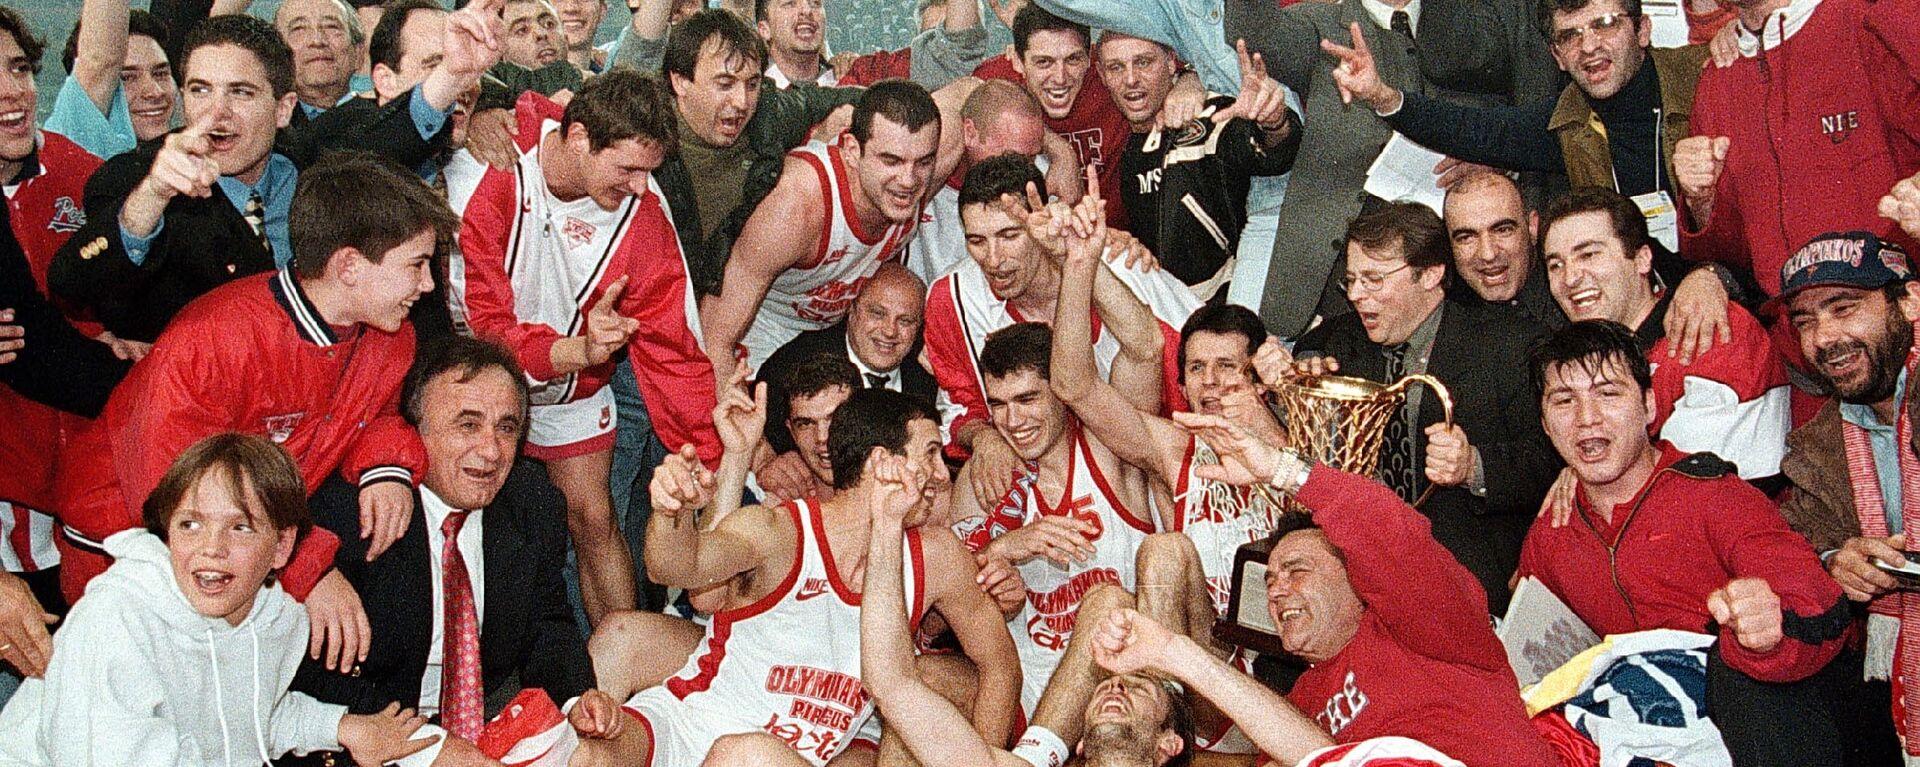 Πανηγυρική φωτογραφία του Ολυμπιακού με το Ευρωπαϊκό του 1997 - Sputnik Ελλάδα, 1920, 24.04.2020